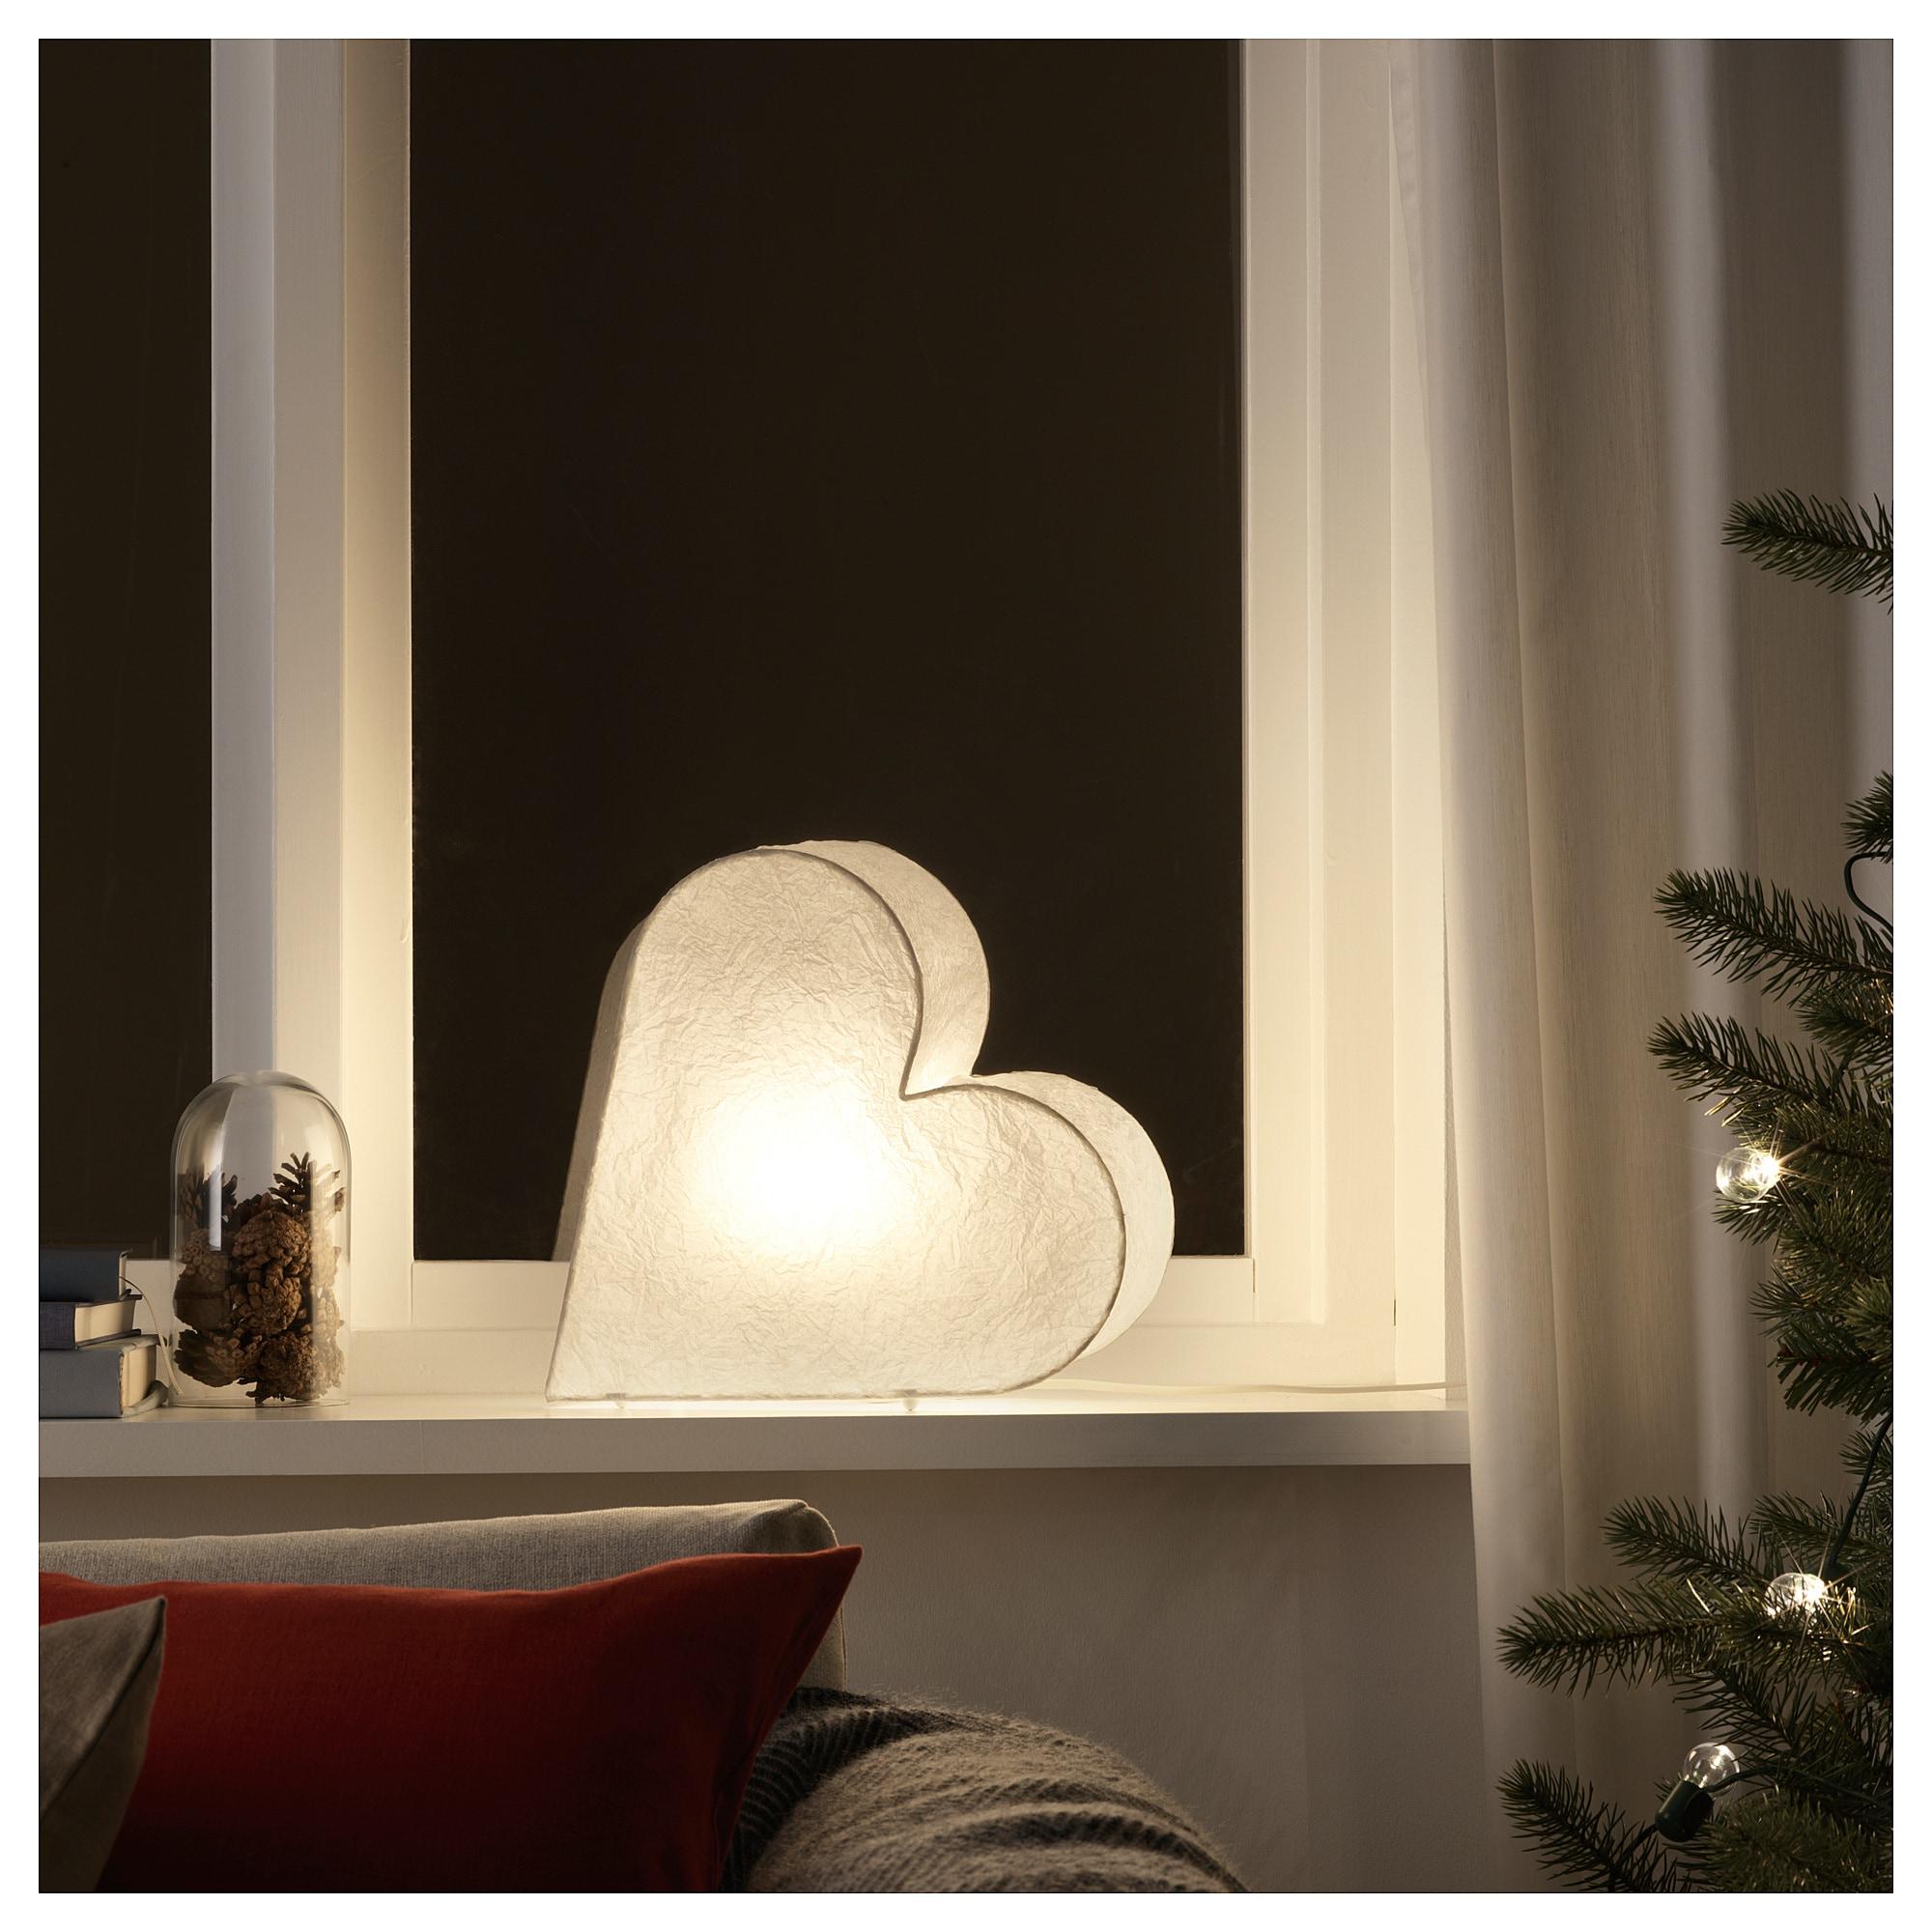 Украшение для стола СТРОЛА белый артикуль № 004.066.51 в наличии. Онлайн магазин IKEA Республика Беларусь. Быстрая доставка и монтаж.